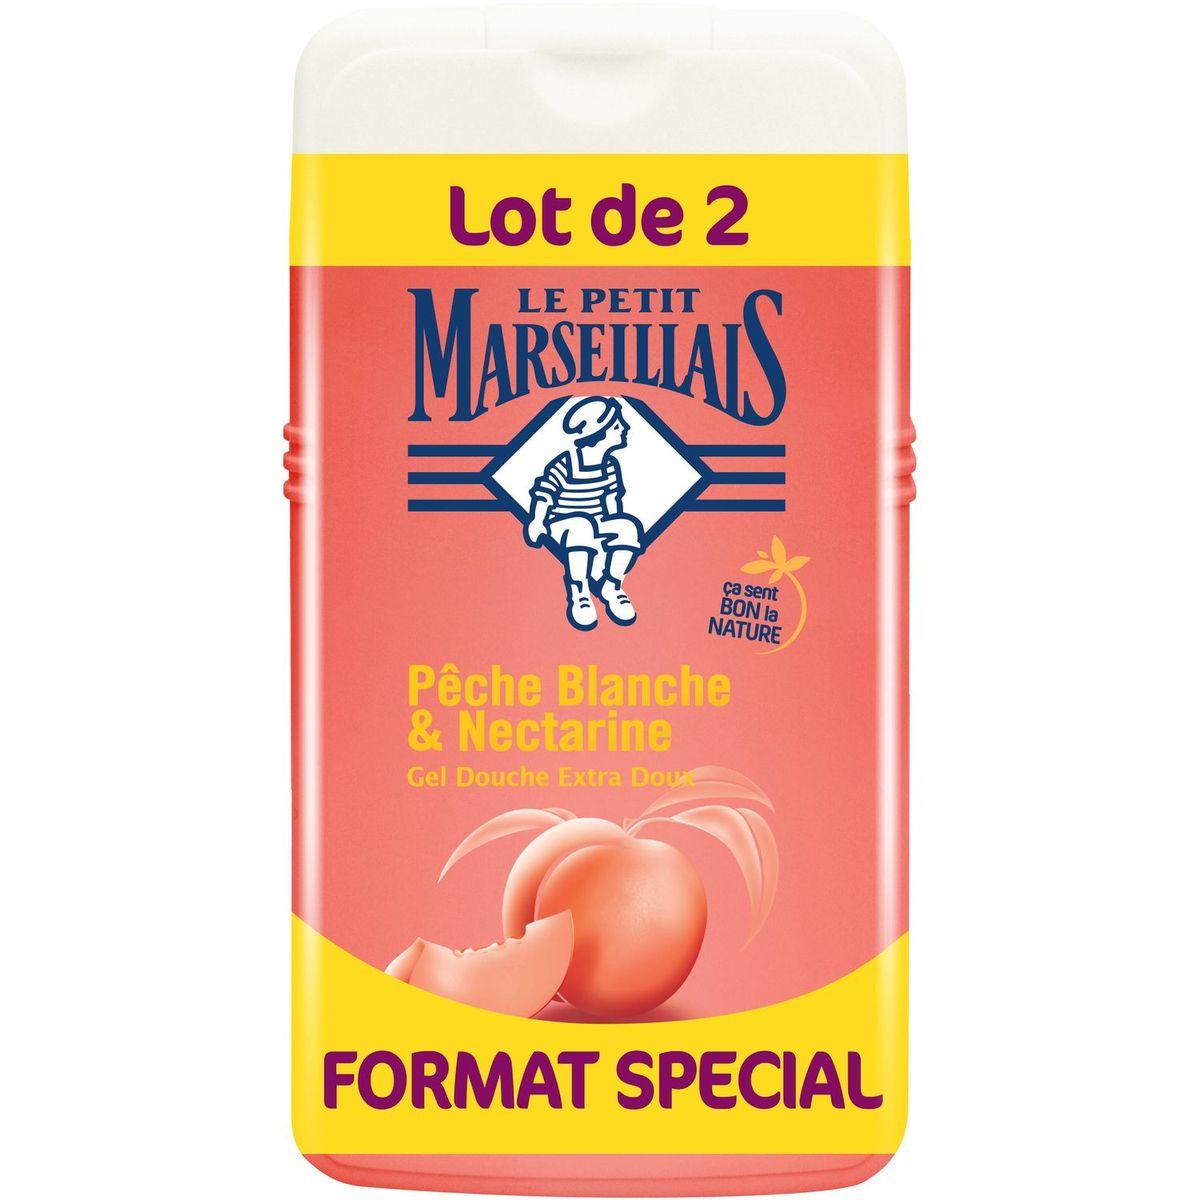 Gel douche extra doux pêche blanche et nectarine, Le Petit Marseillais LOT DE 2 (2 x 250 ml)